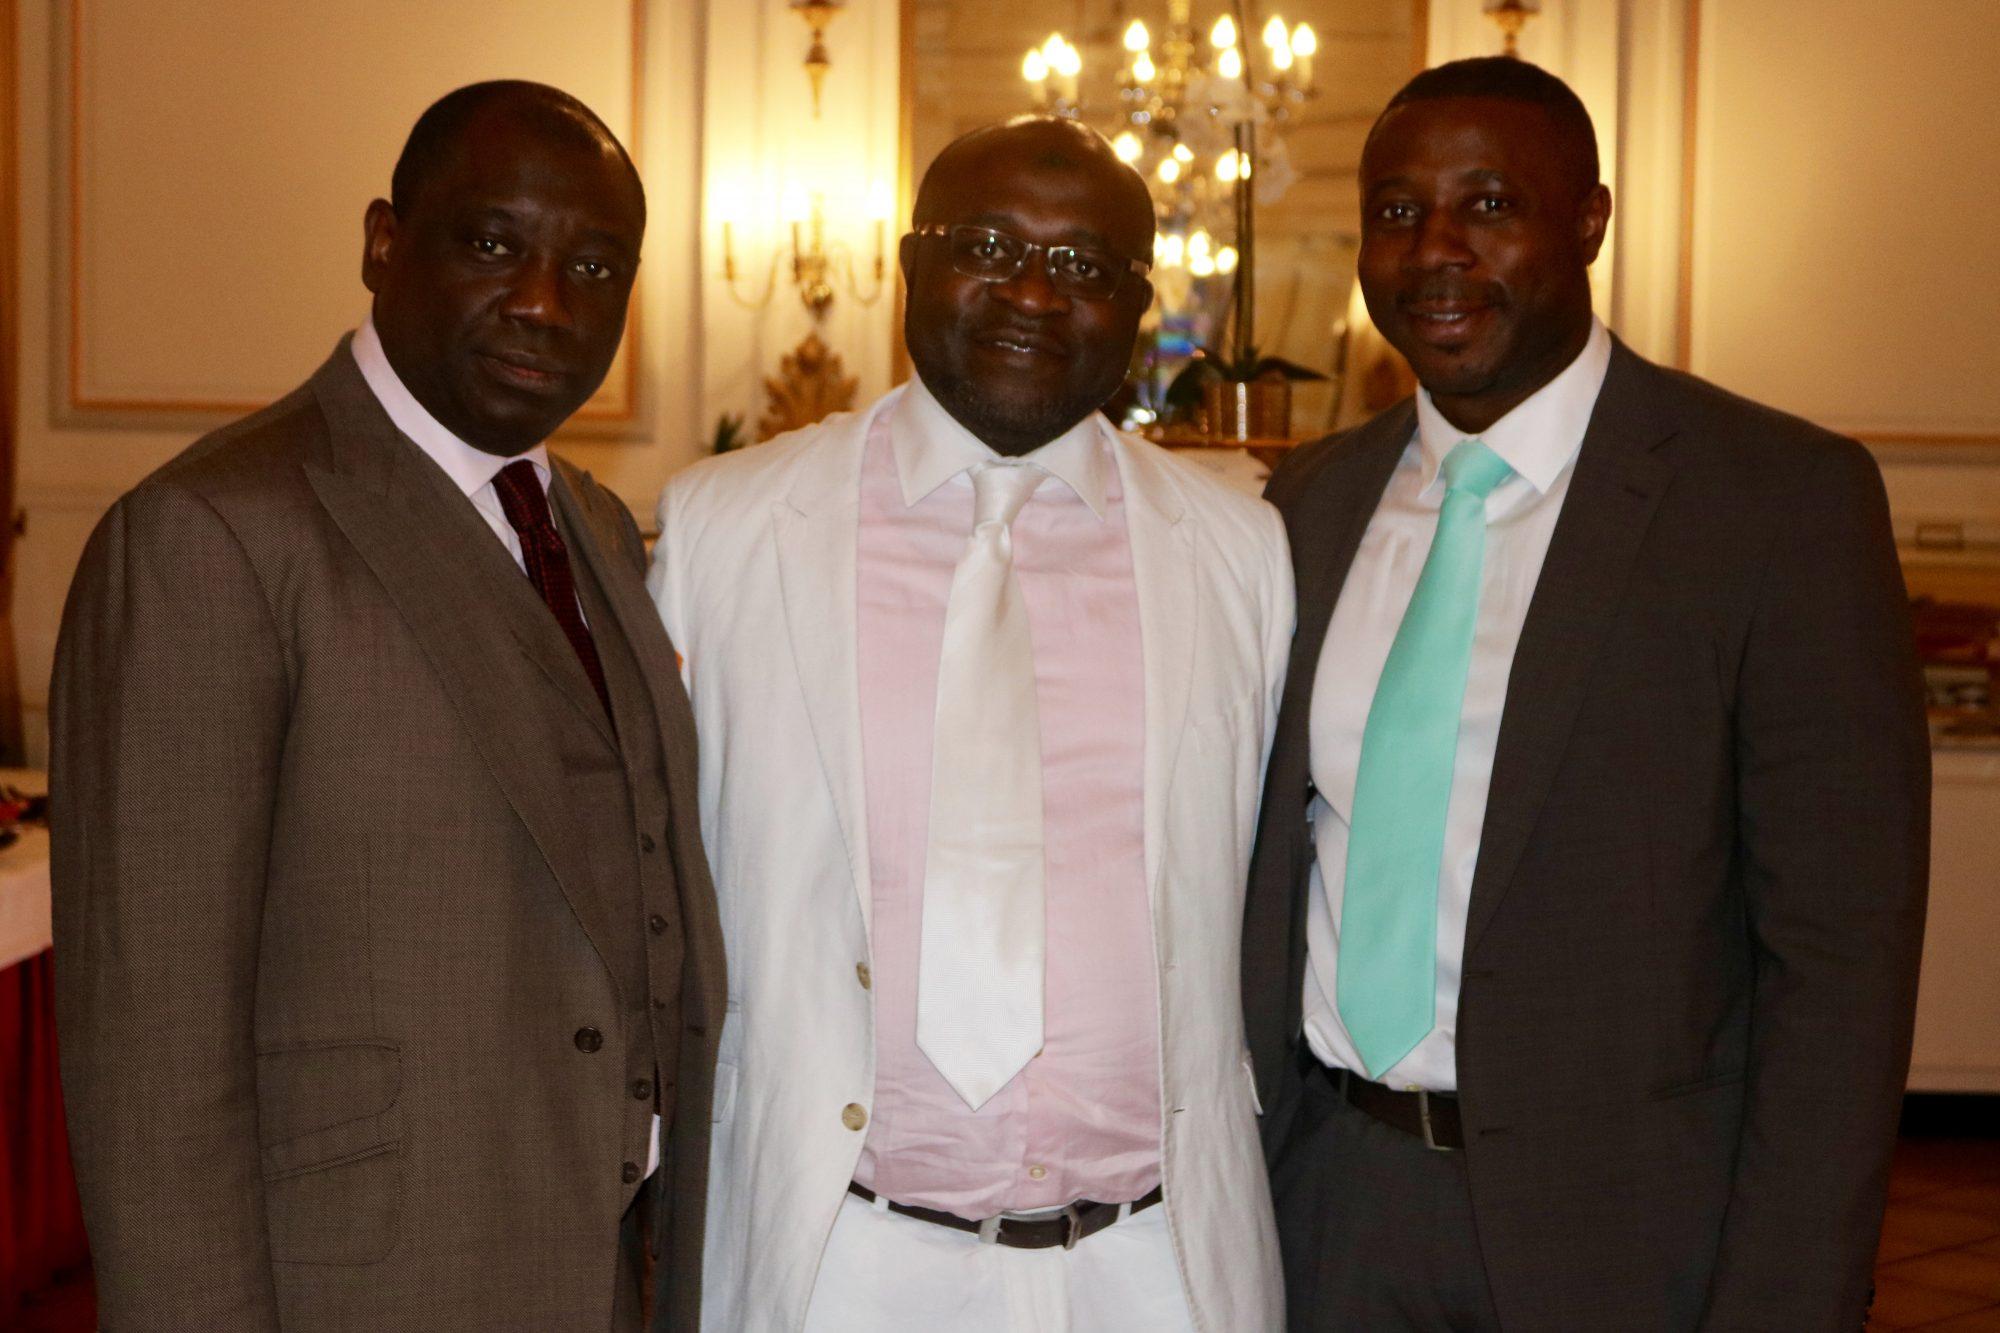 CAMEROONIAN MEN